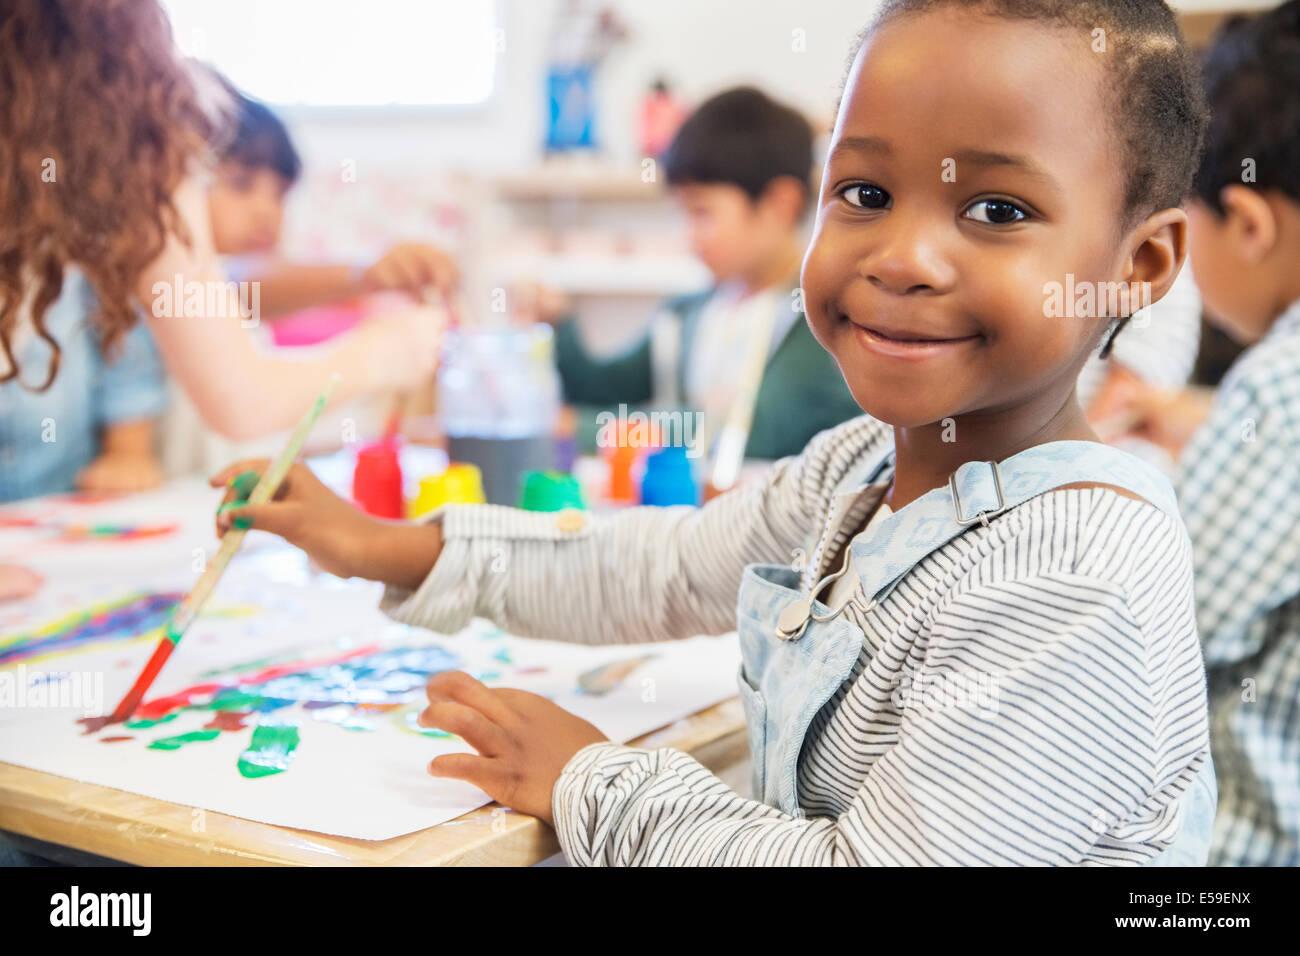 Estudiante en la clase de pintura Imagen De Stock